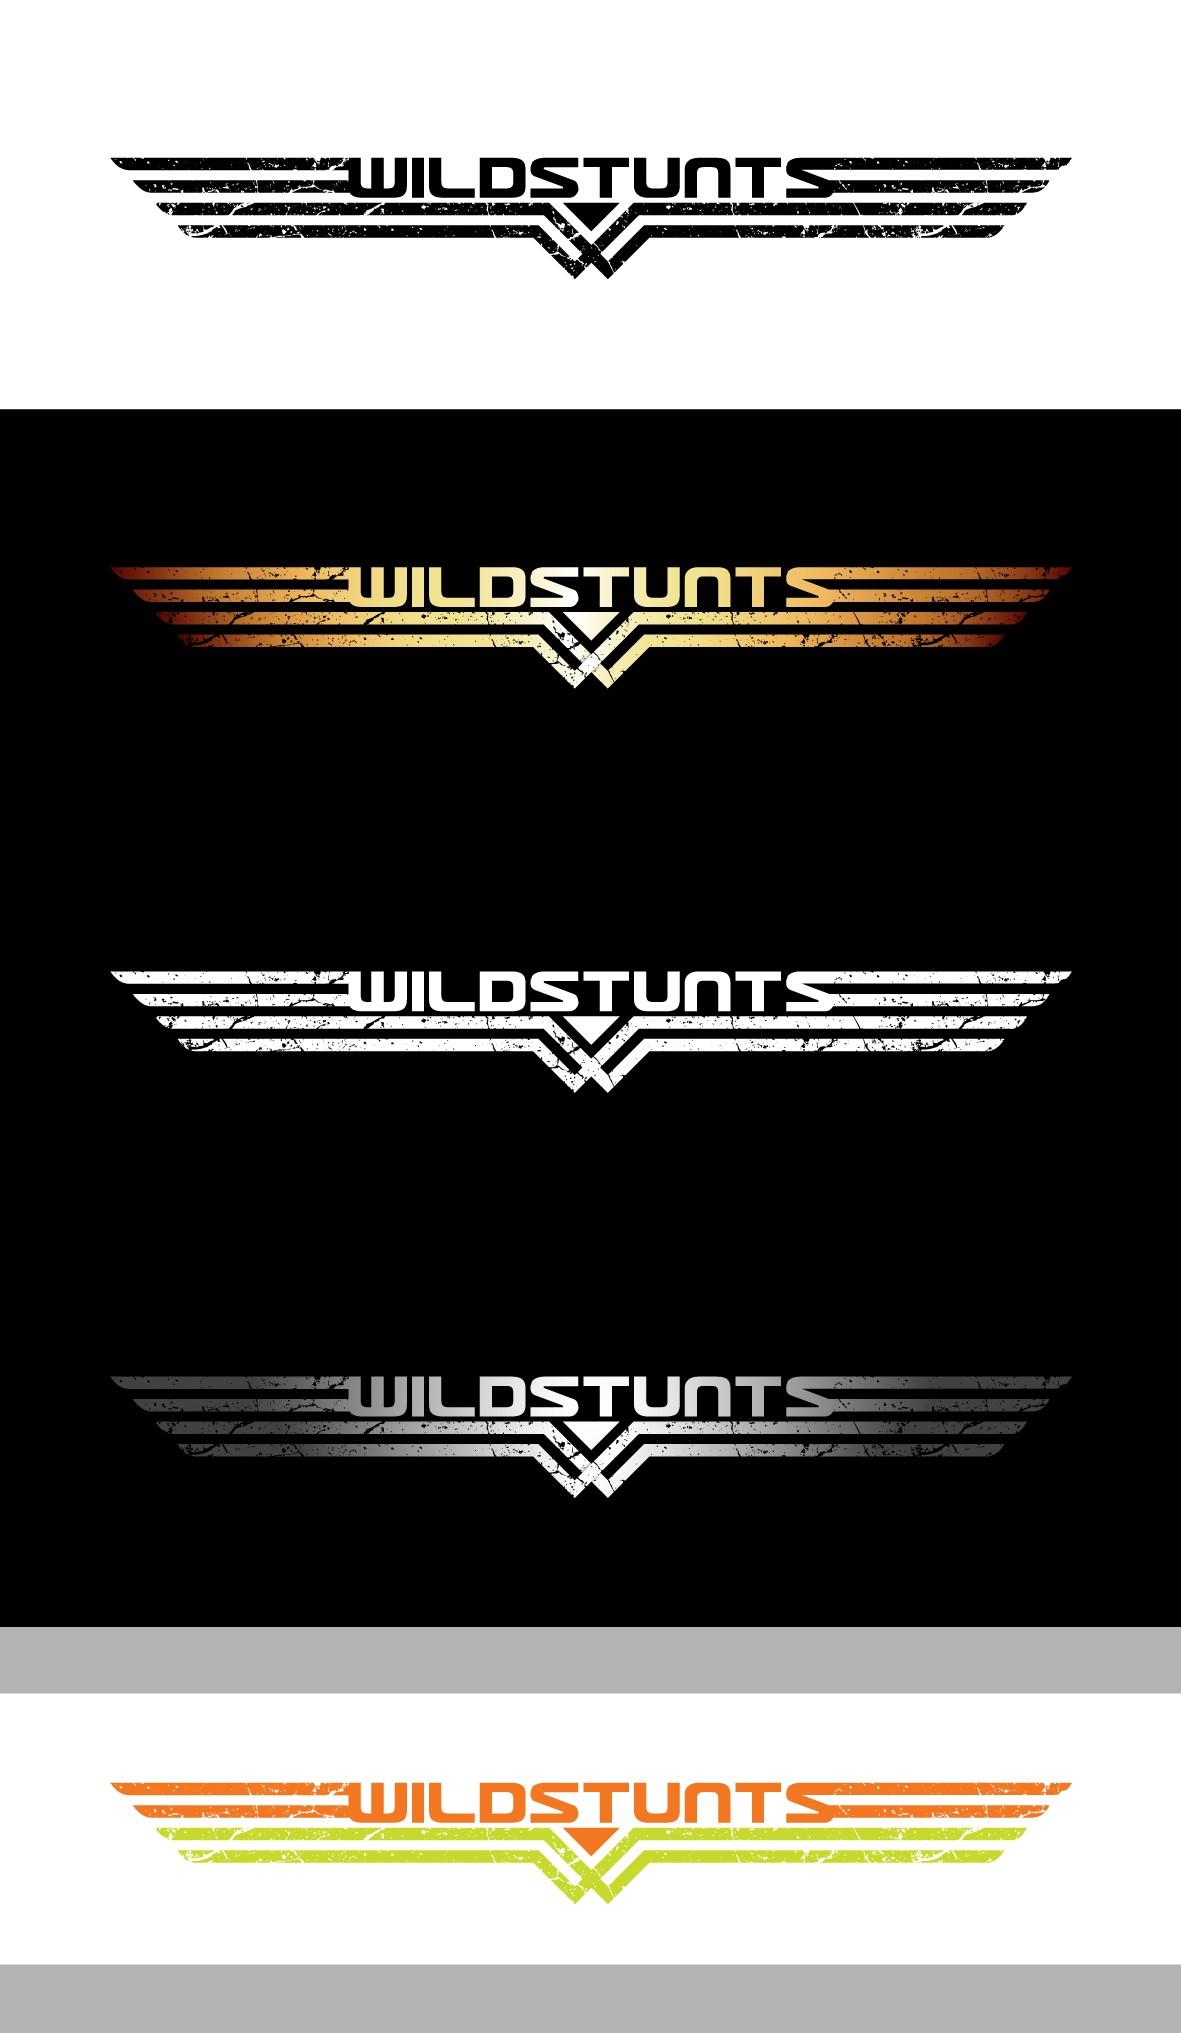 logo for Wildstunts